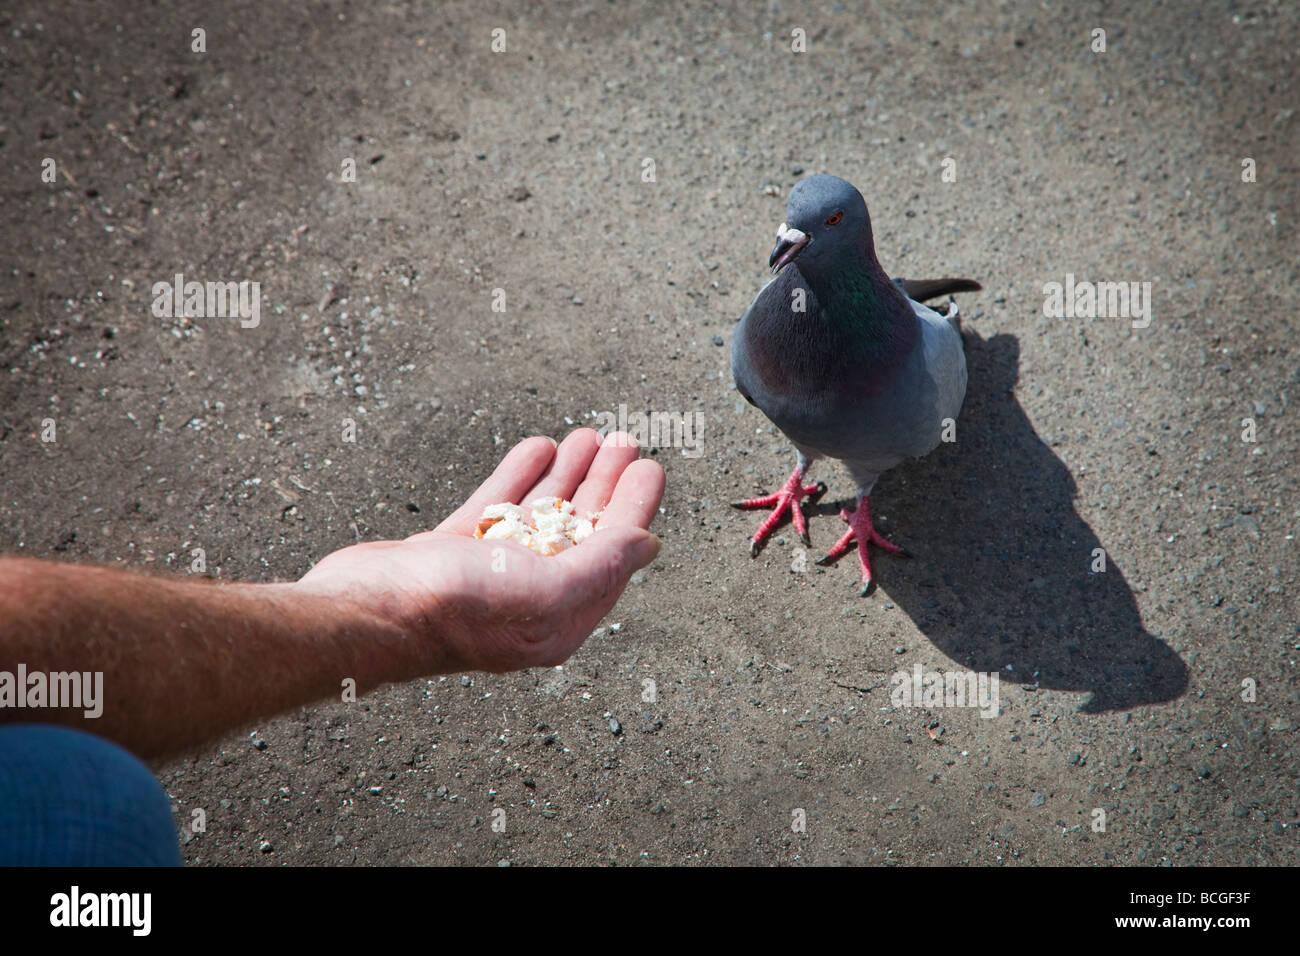 Alimentazione manuale il pane un piccione comune noto anche come una città piccione o piccioni selvatici, Glasgow, Immagini Stock